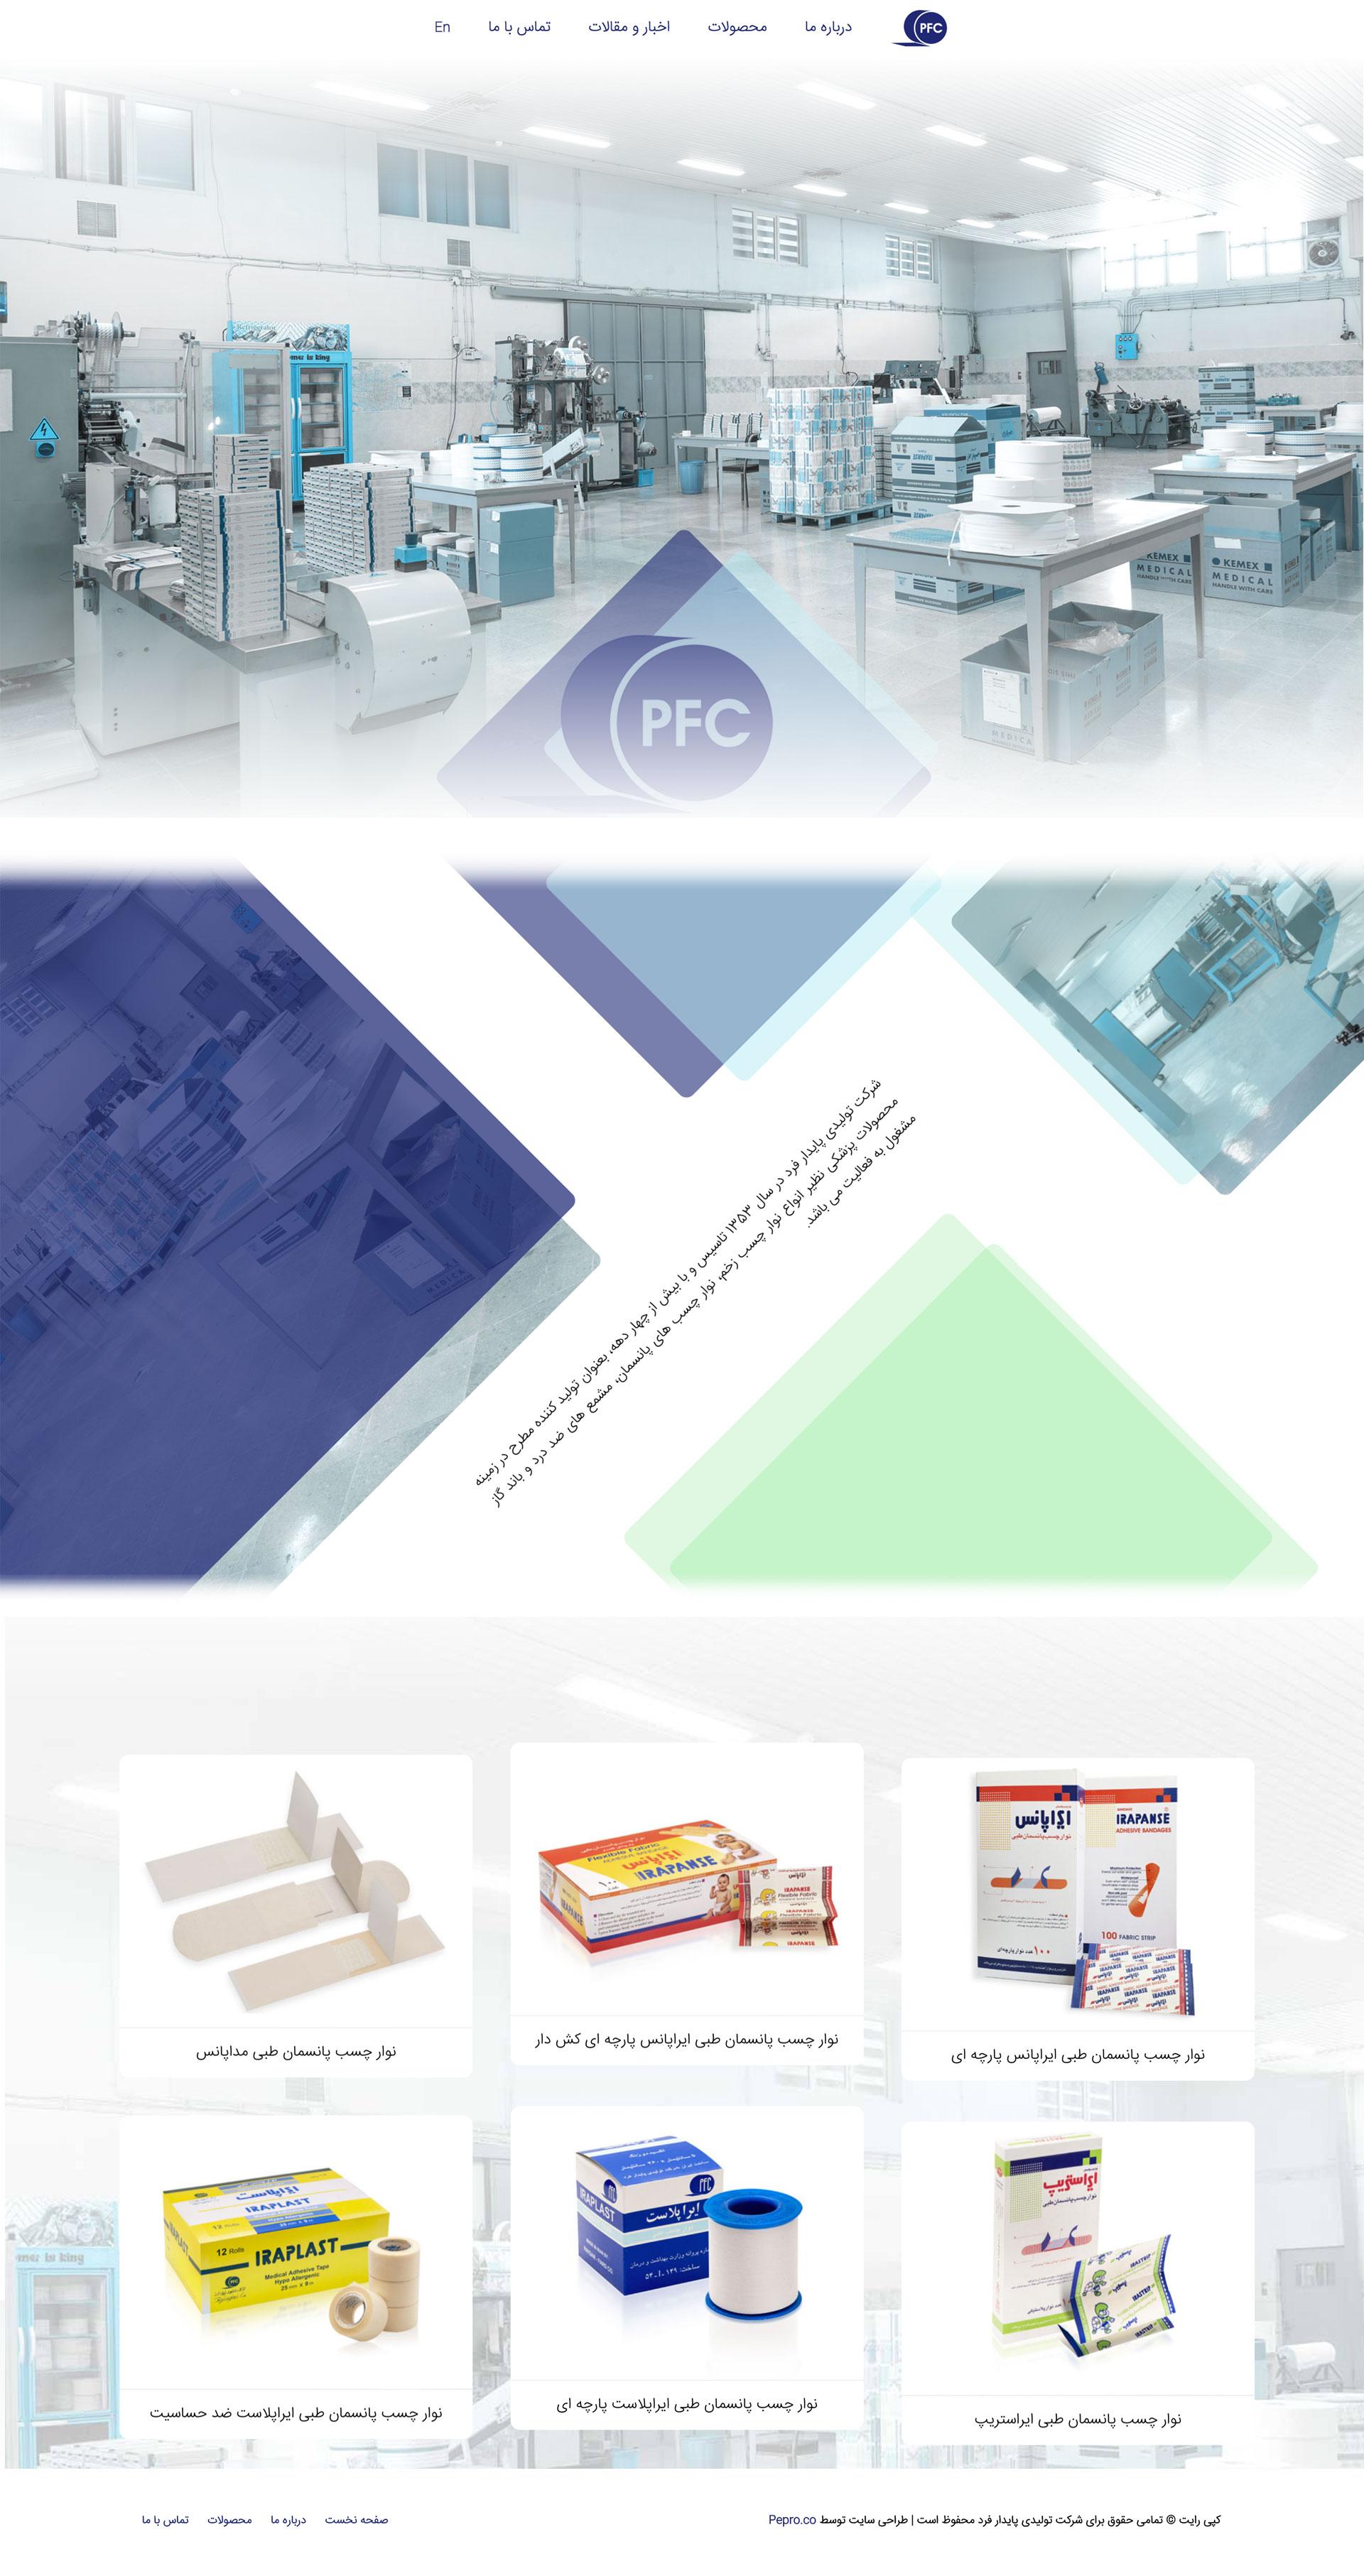 نمونه کار طراحی وب سایت شرکت تولیدی پایدارفرد